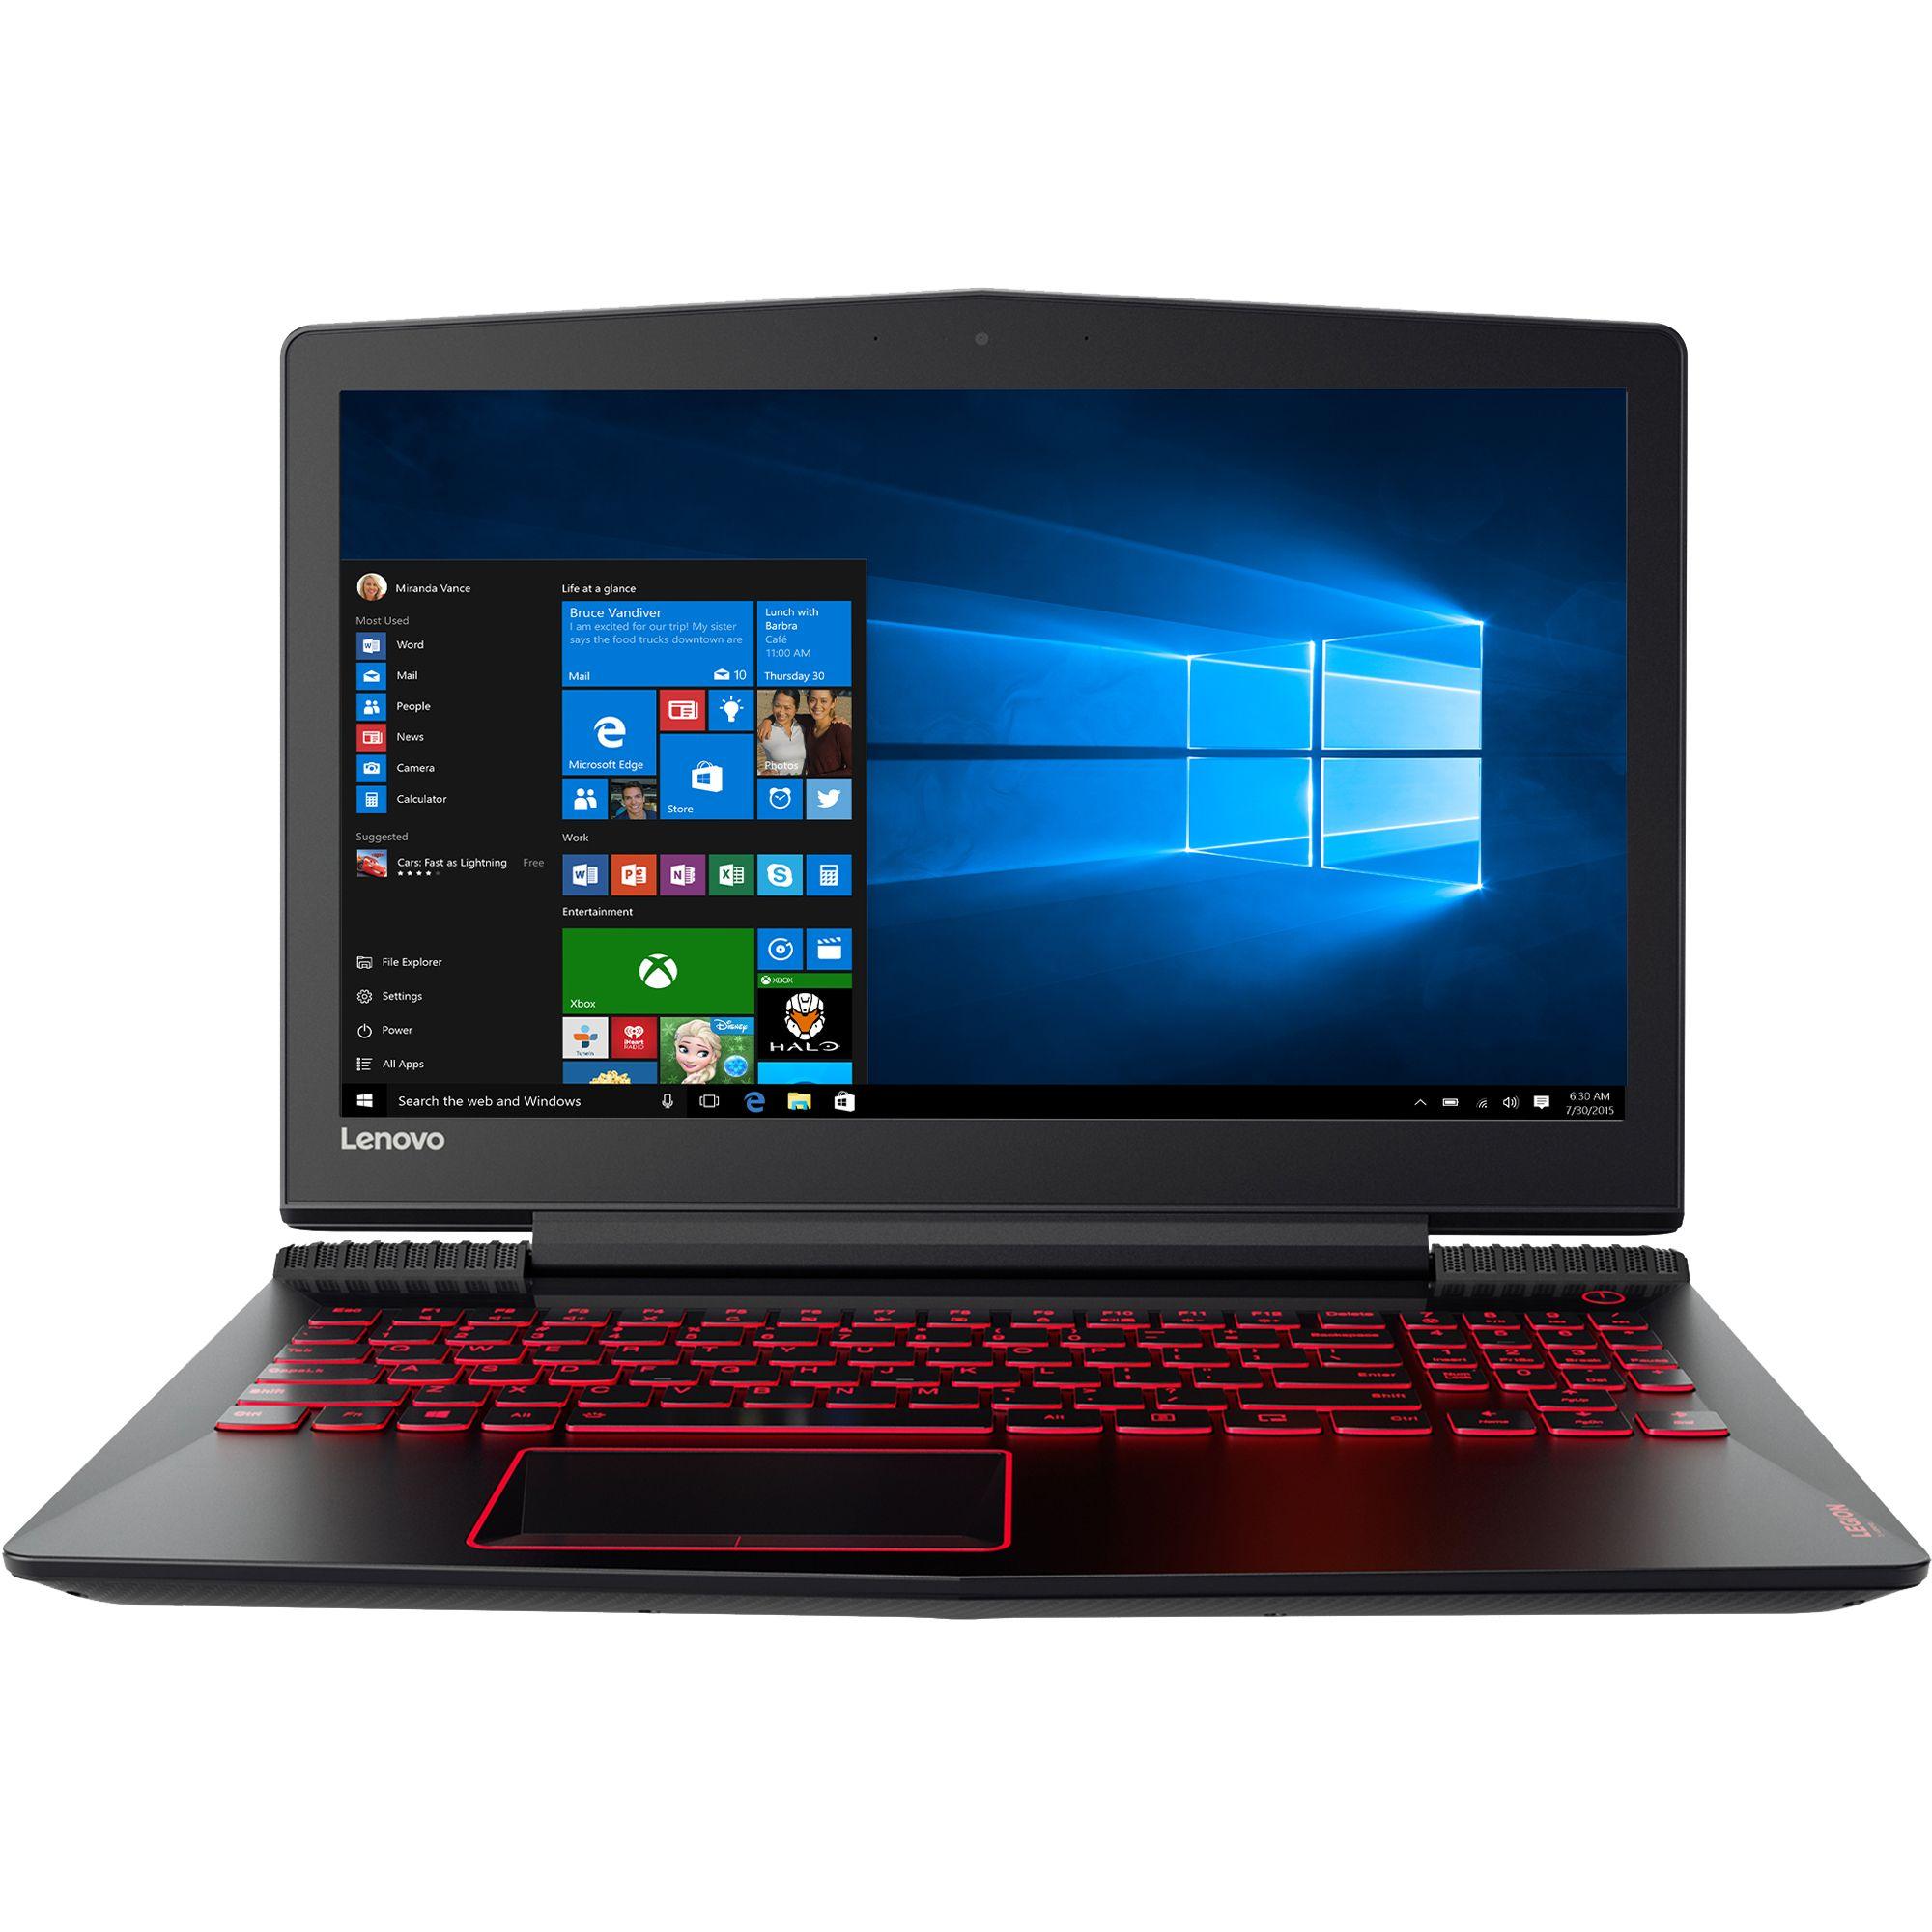 Notebook Lenovo Legion Y520 15.6 Full HD Intel Core i5-7300HQ GTX 1050-2GB RAM 4GB HDD 1TB FreeDOS